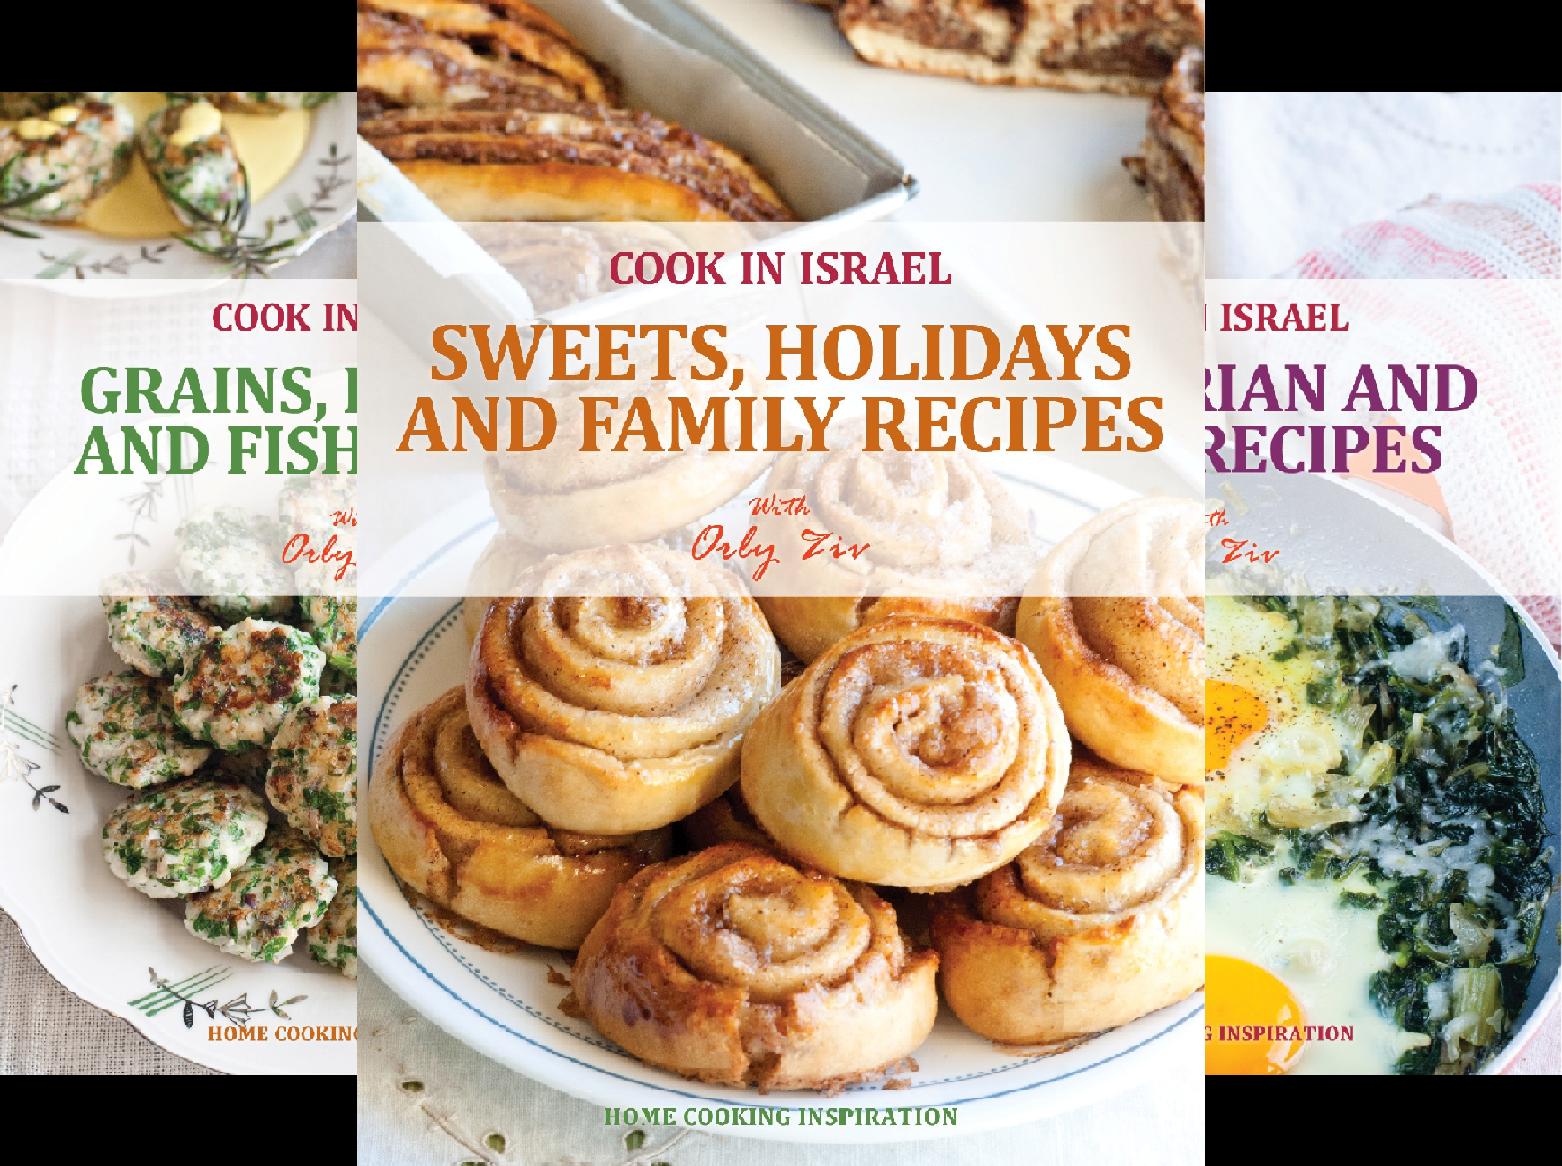 Cook In Israel - Kosher Recipes, Mediterranean Cooking (3 Book Series)